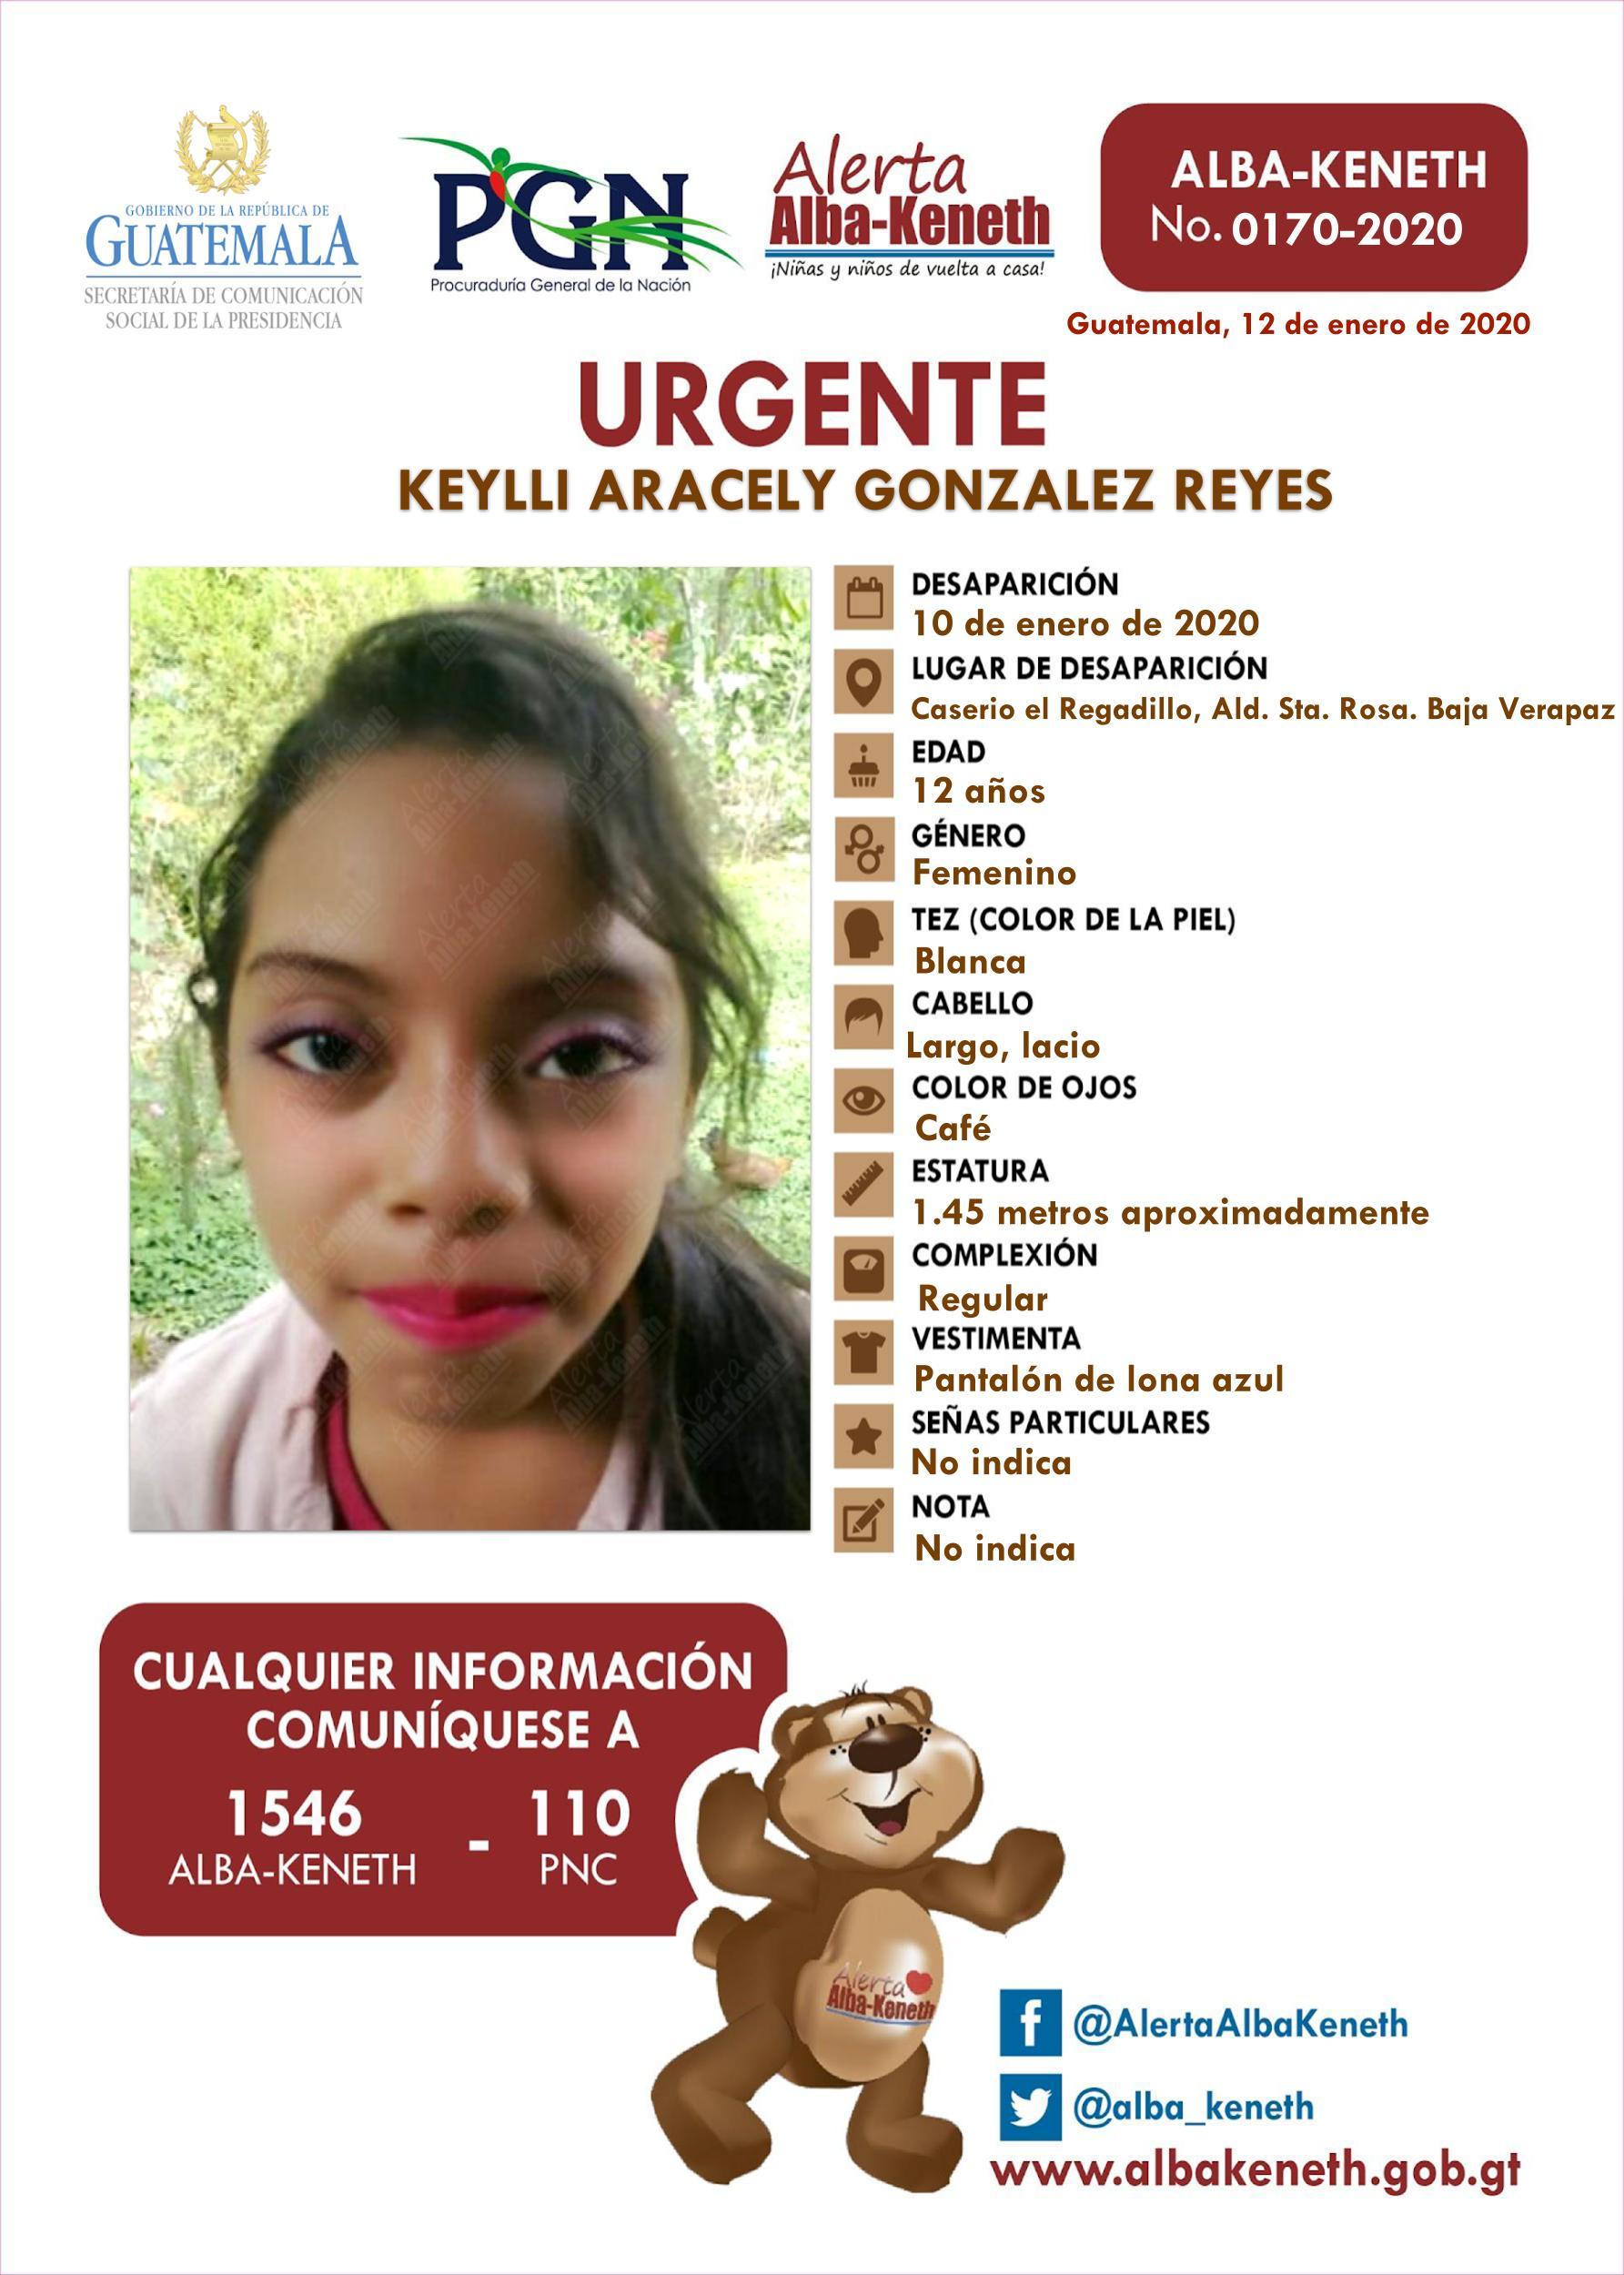 Keylli Aracely Gonzalez Reyes